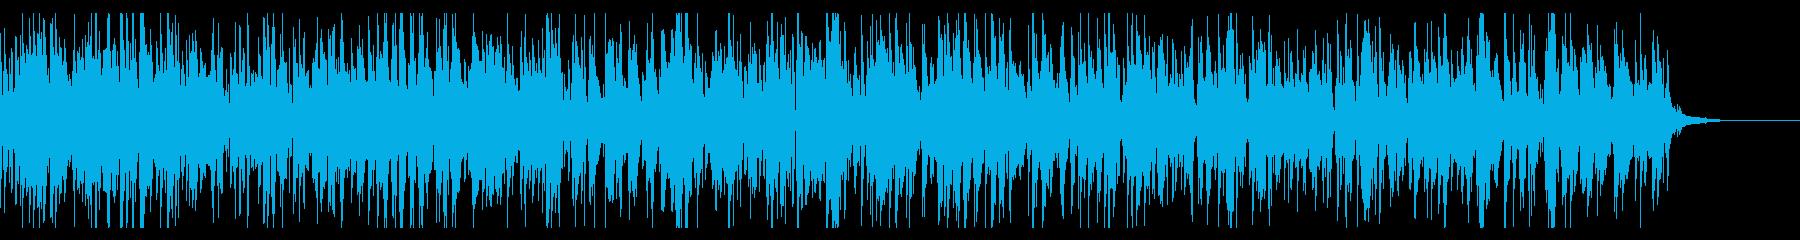 ラウンジのお洒落で落ちつくジャズピアノの再生済みの波形